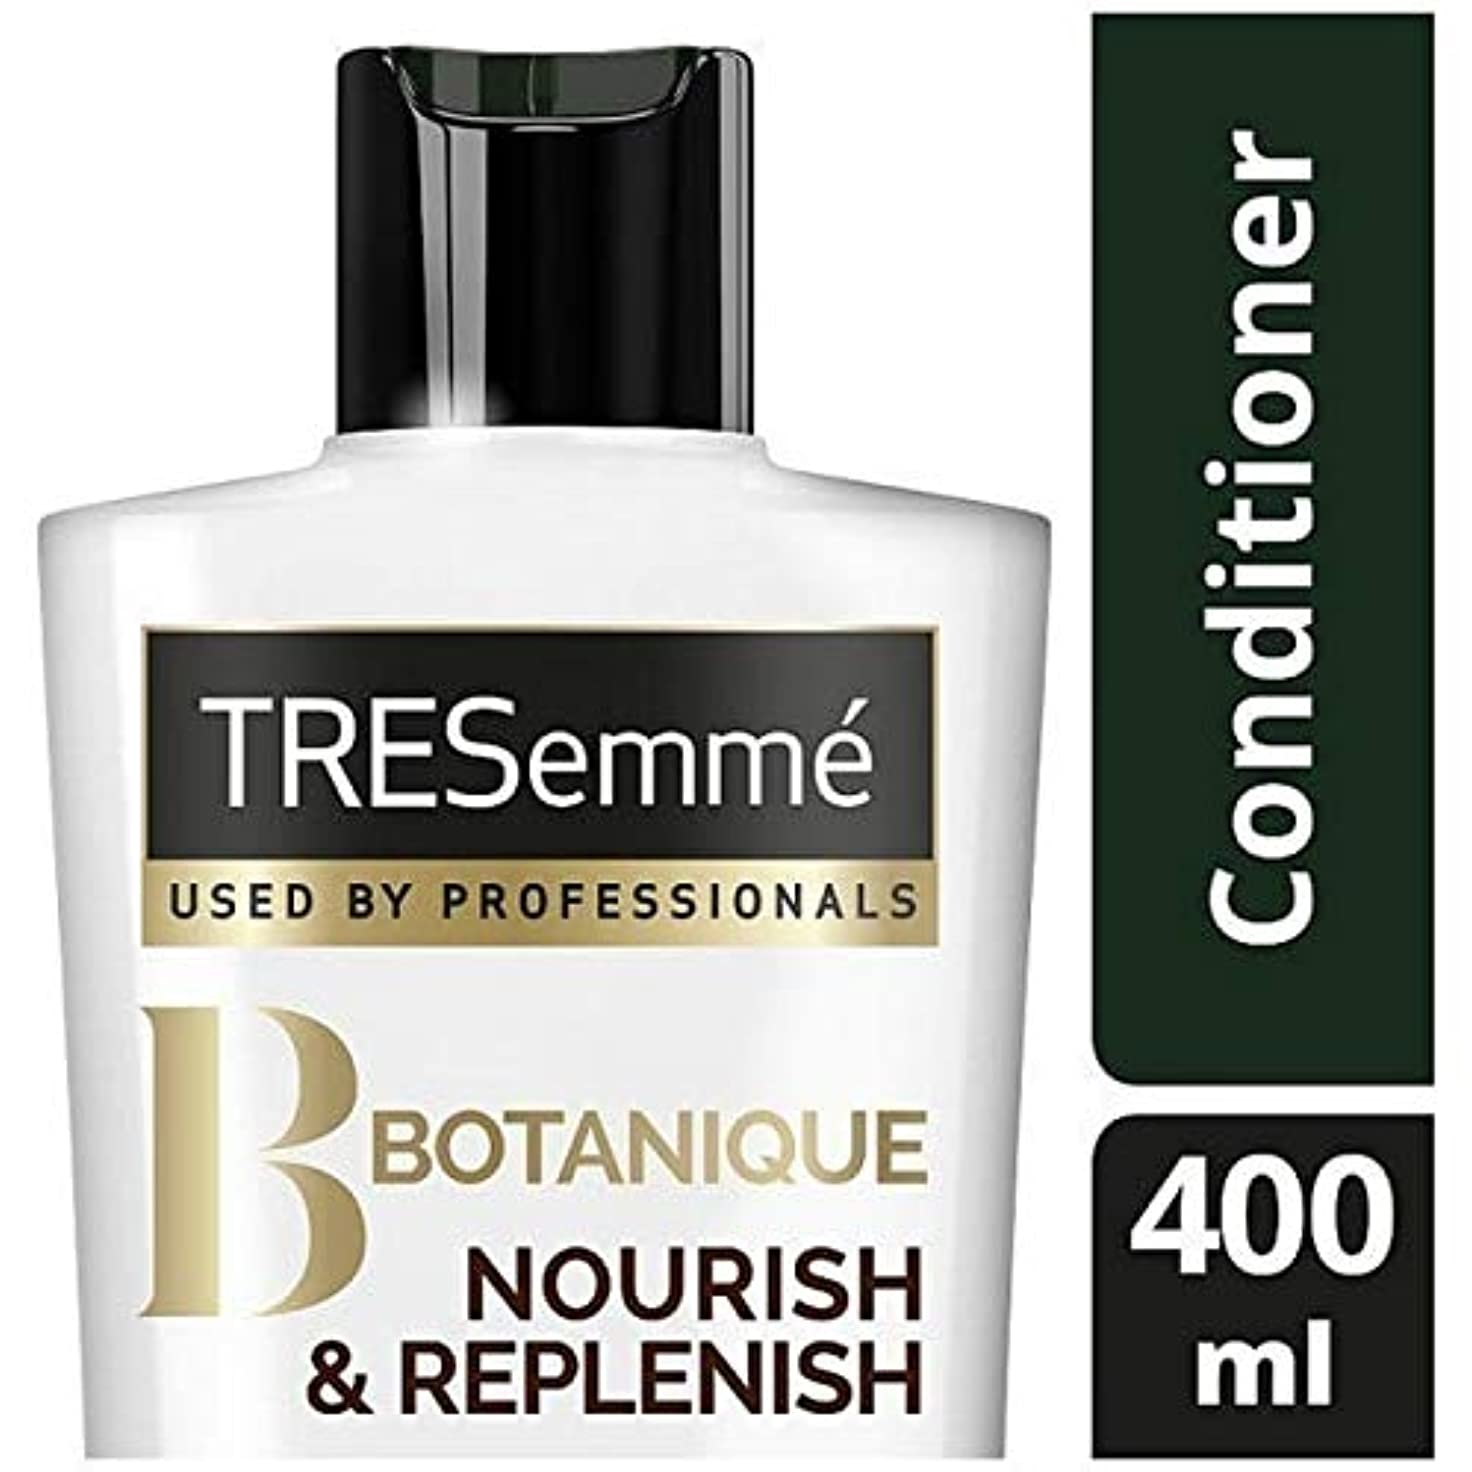 面倒ブラスト今後[Tresemme] Tresemmeのボタニックを養う&コンディショナー400ミリリットルを補充します - TRESemme Botanique Nourish & Replenish Conditioner 400ml [並行輸入品]